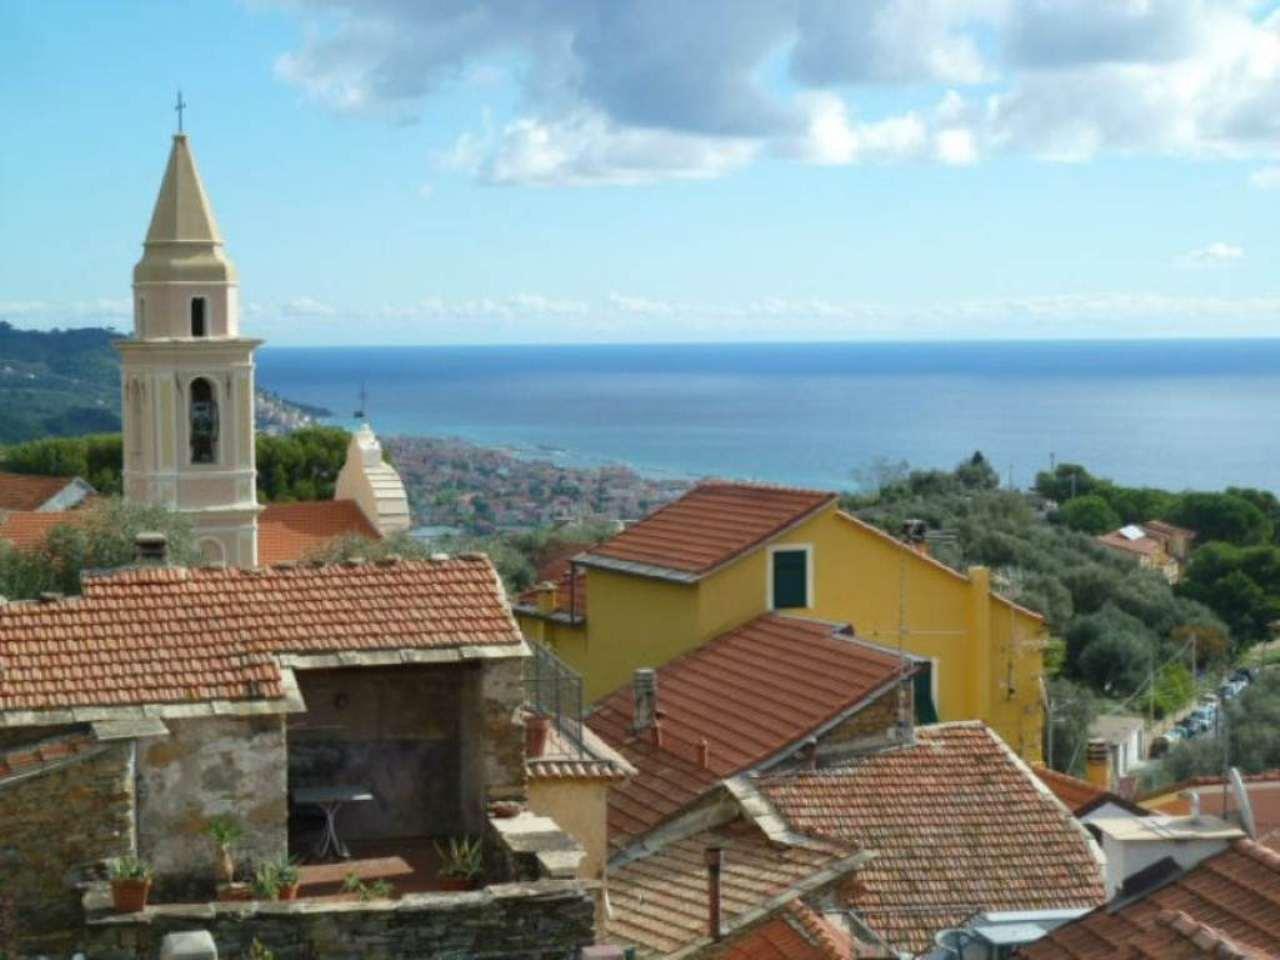 Soluzione Indipendente in vendita a Diano Castello, 8 locali, prezzo € 450.000   PortaleAgenzieImmobiliari.it